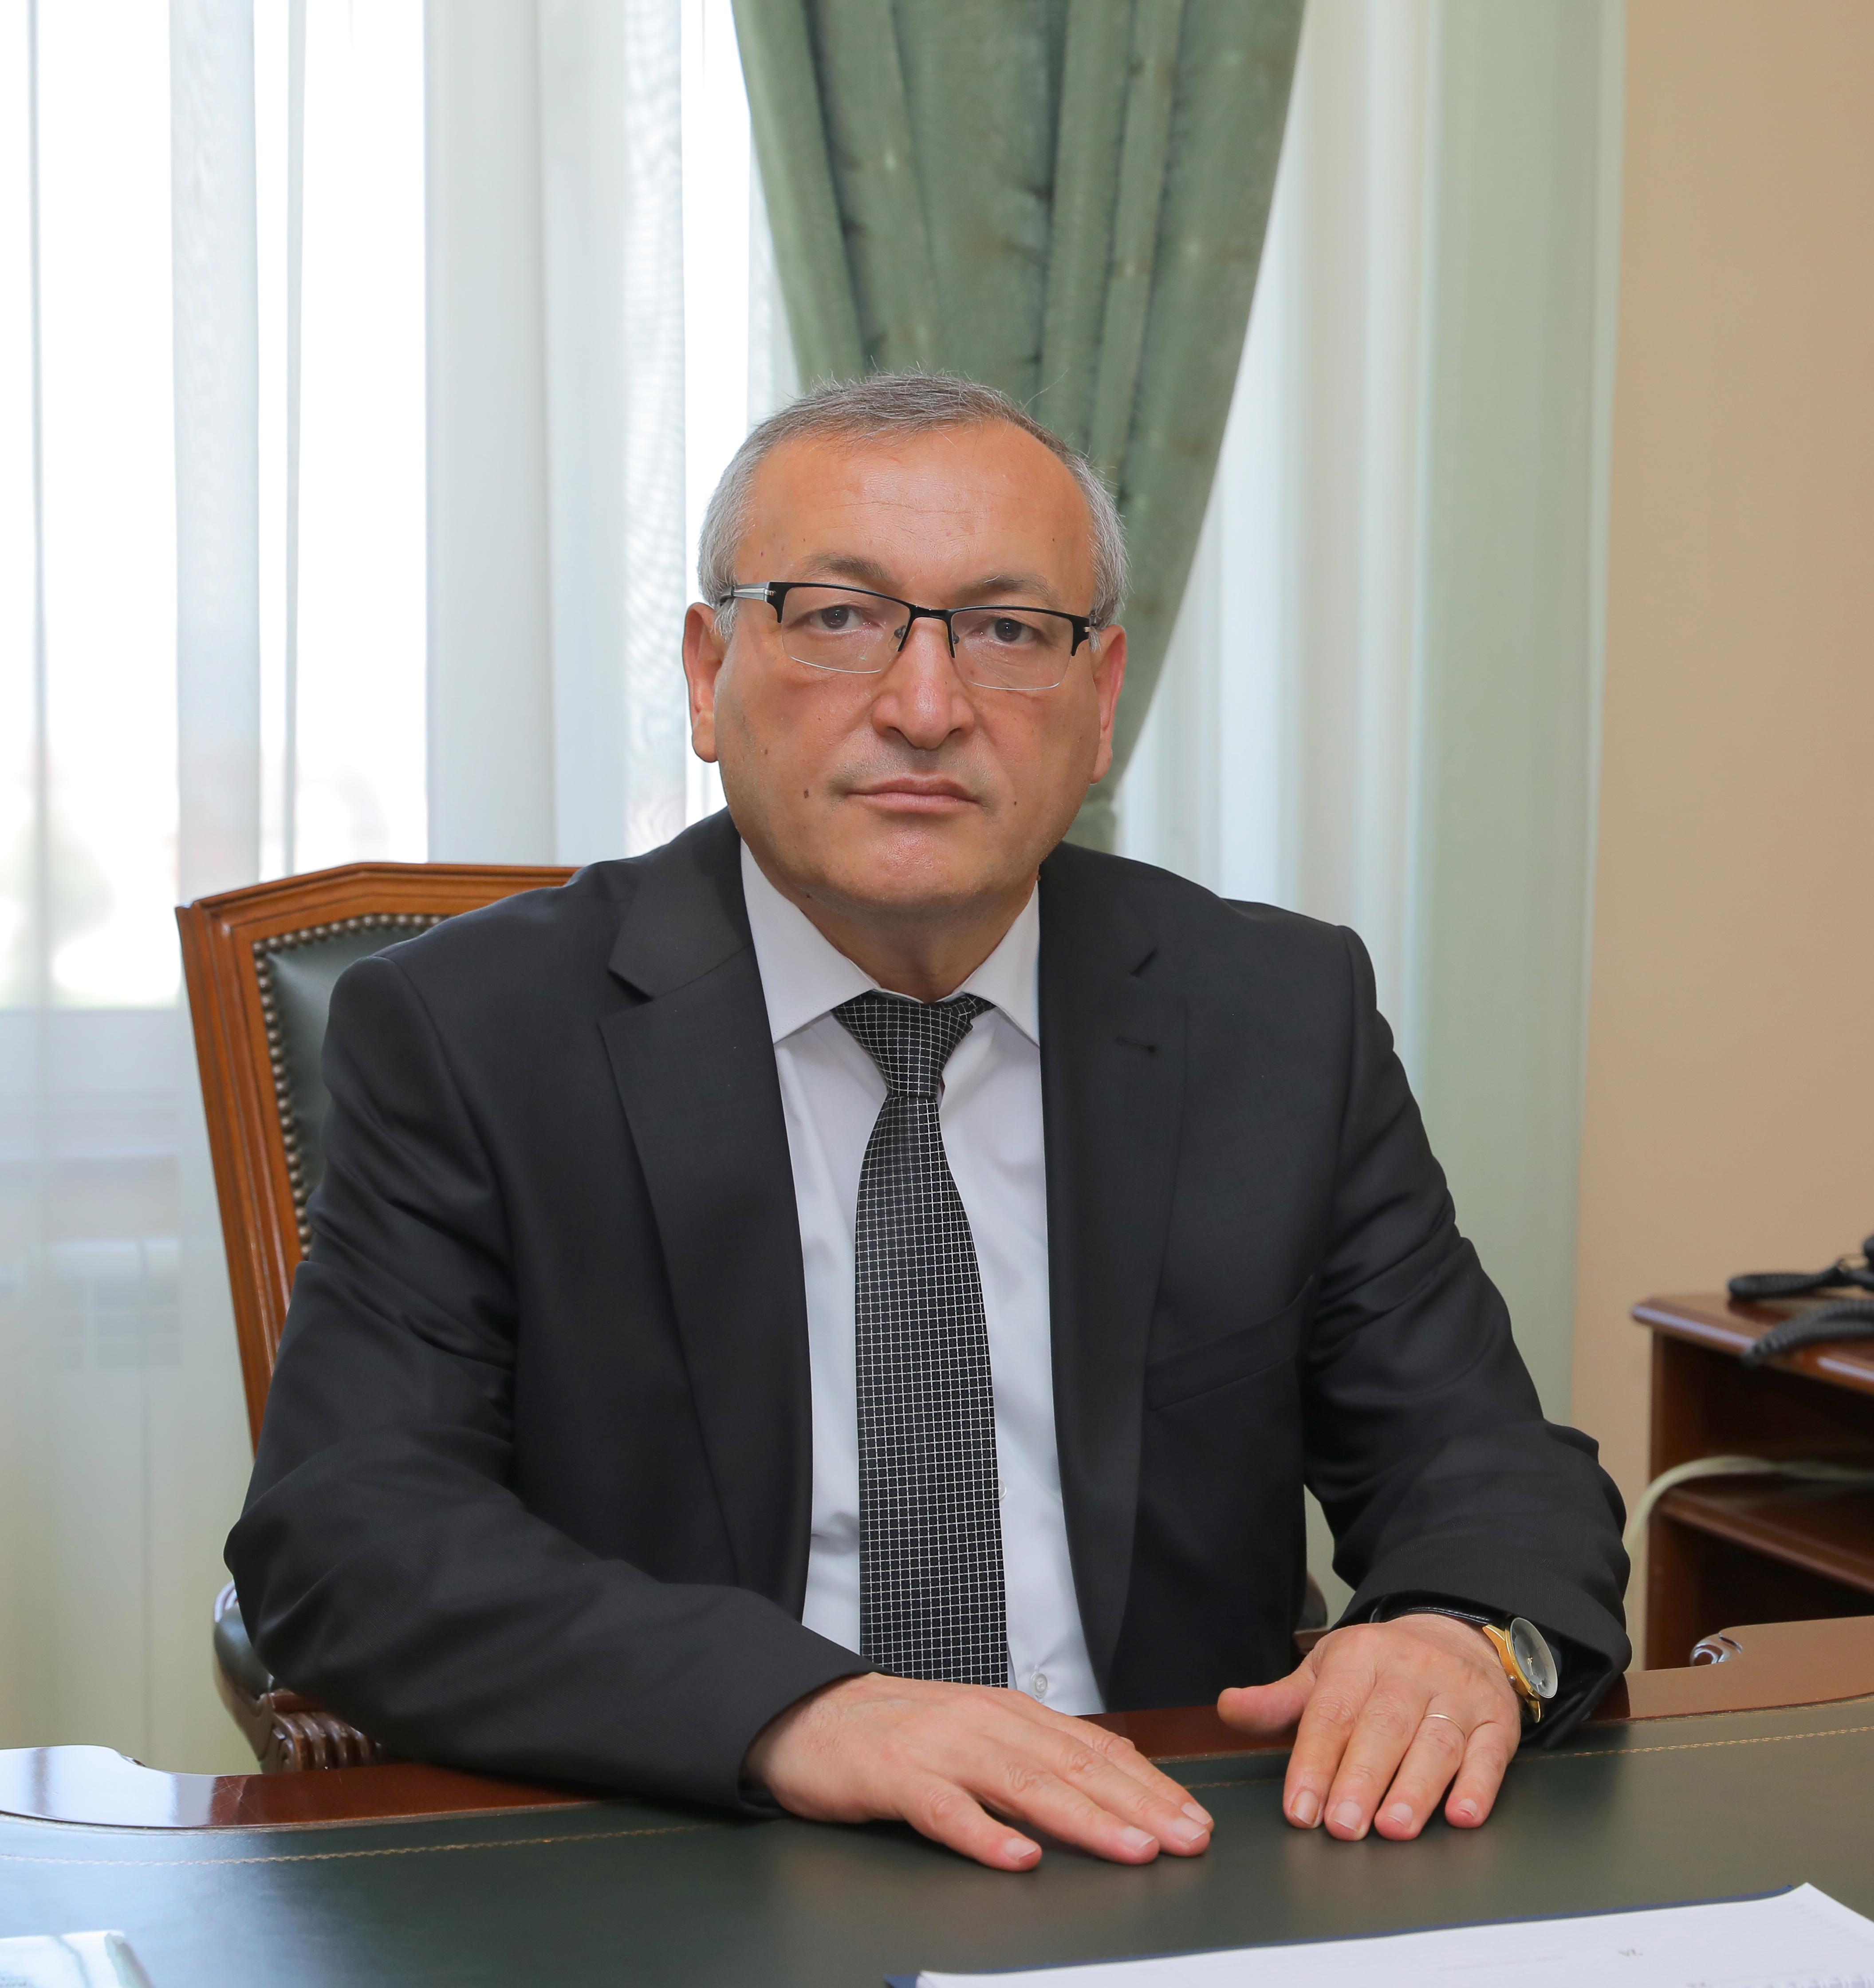 Photo of Արցախի Հանրապետության Ազգային ժողովի նախագահ Արթուր Թովմասյանը ողջունել է ԵԱՀԿ Մինսկի խմբի համանախագահների ապրիլի 13-ի հայտարարությունը